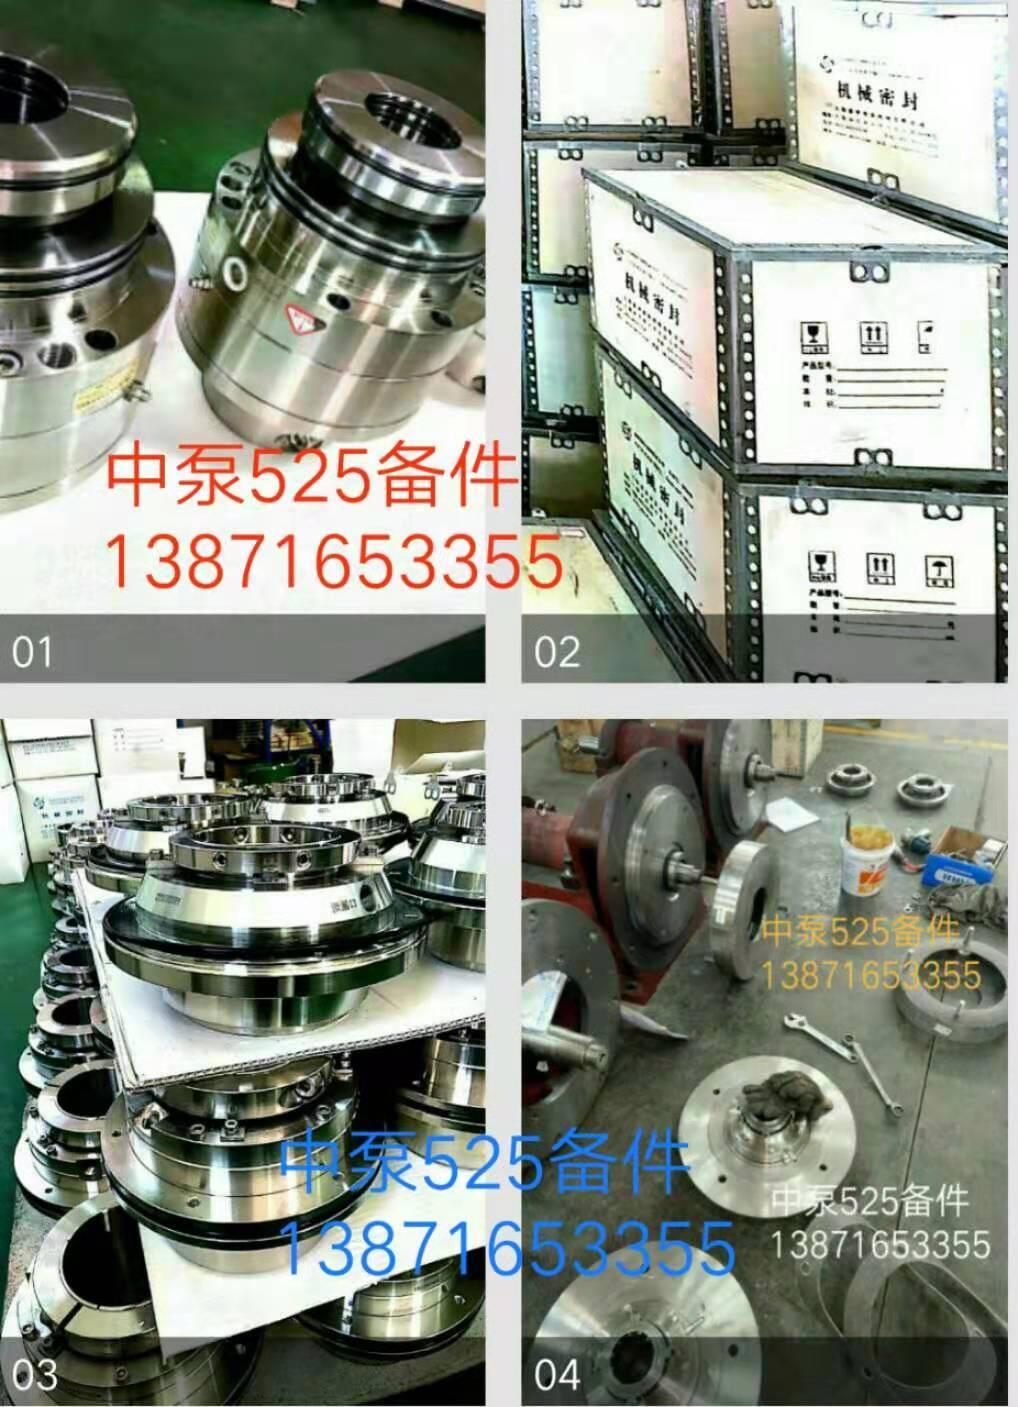 内蒙五二五泵备件厂家报价LC循环泵及备件